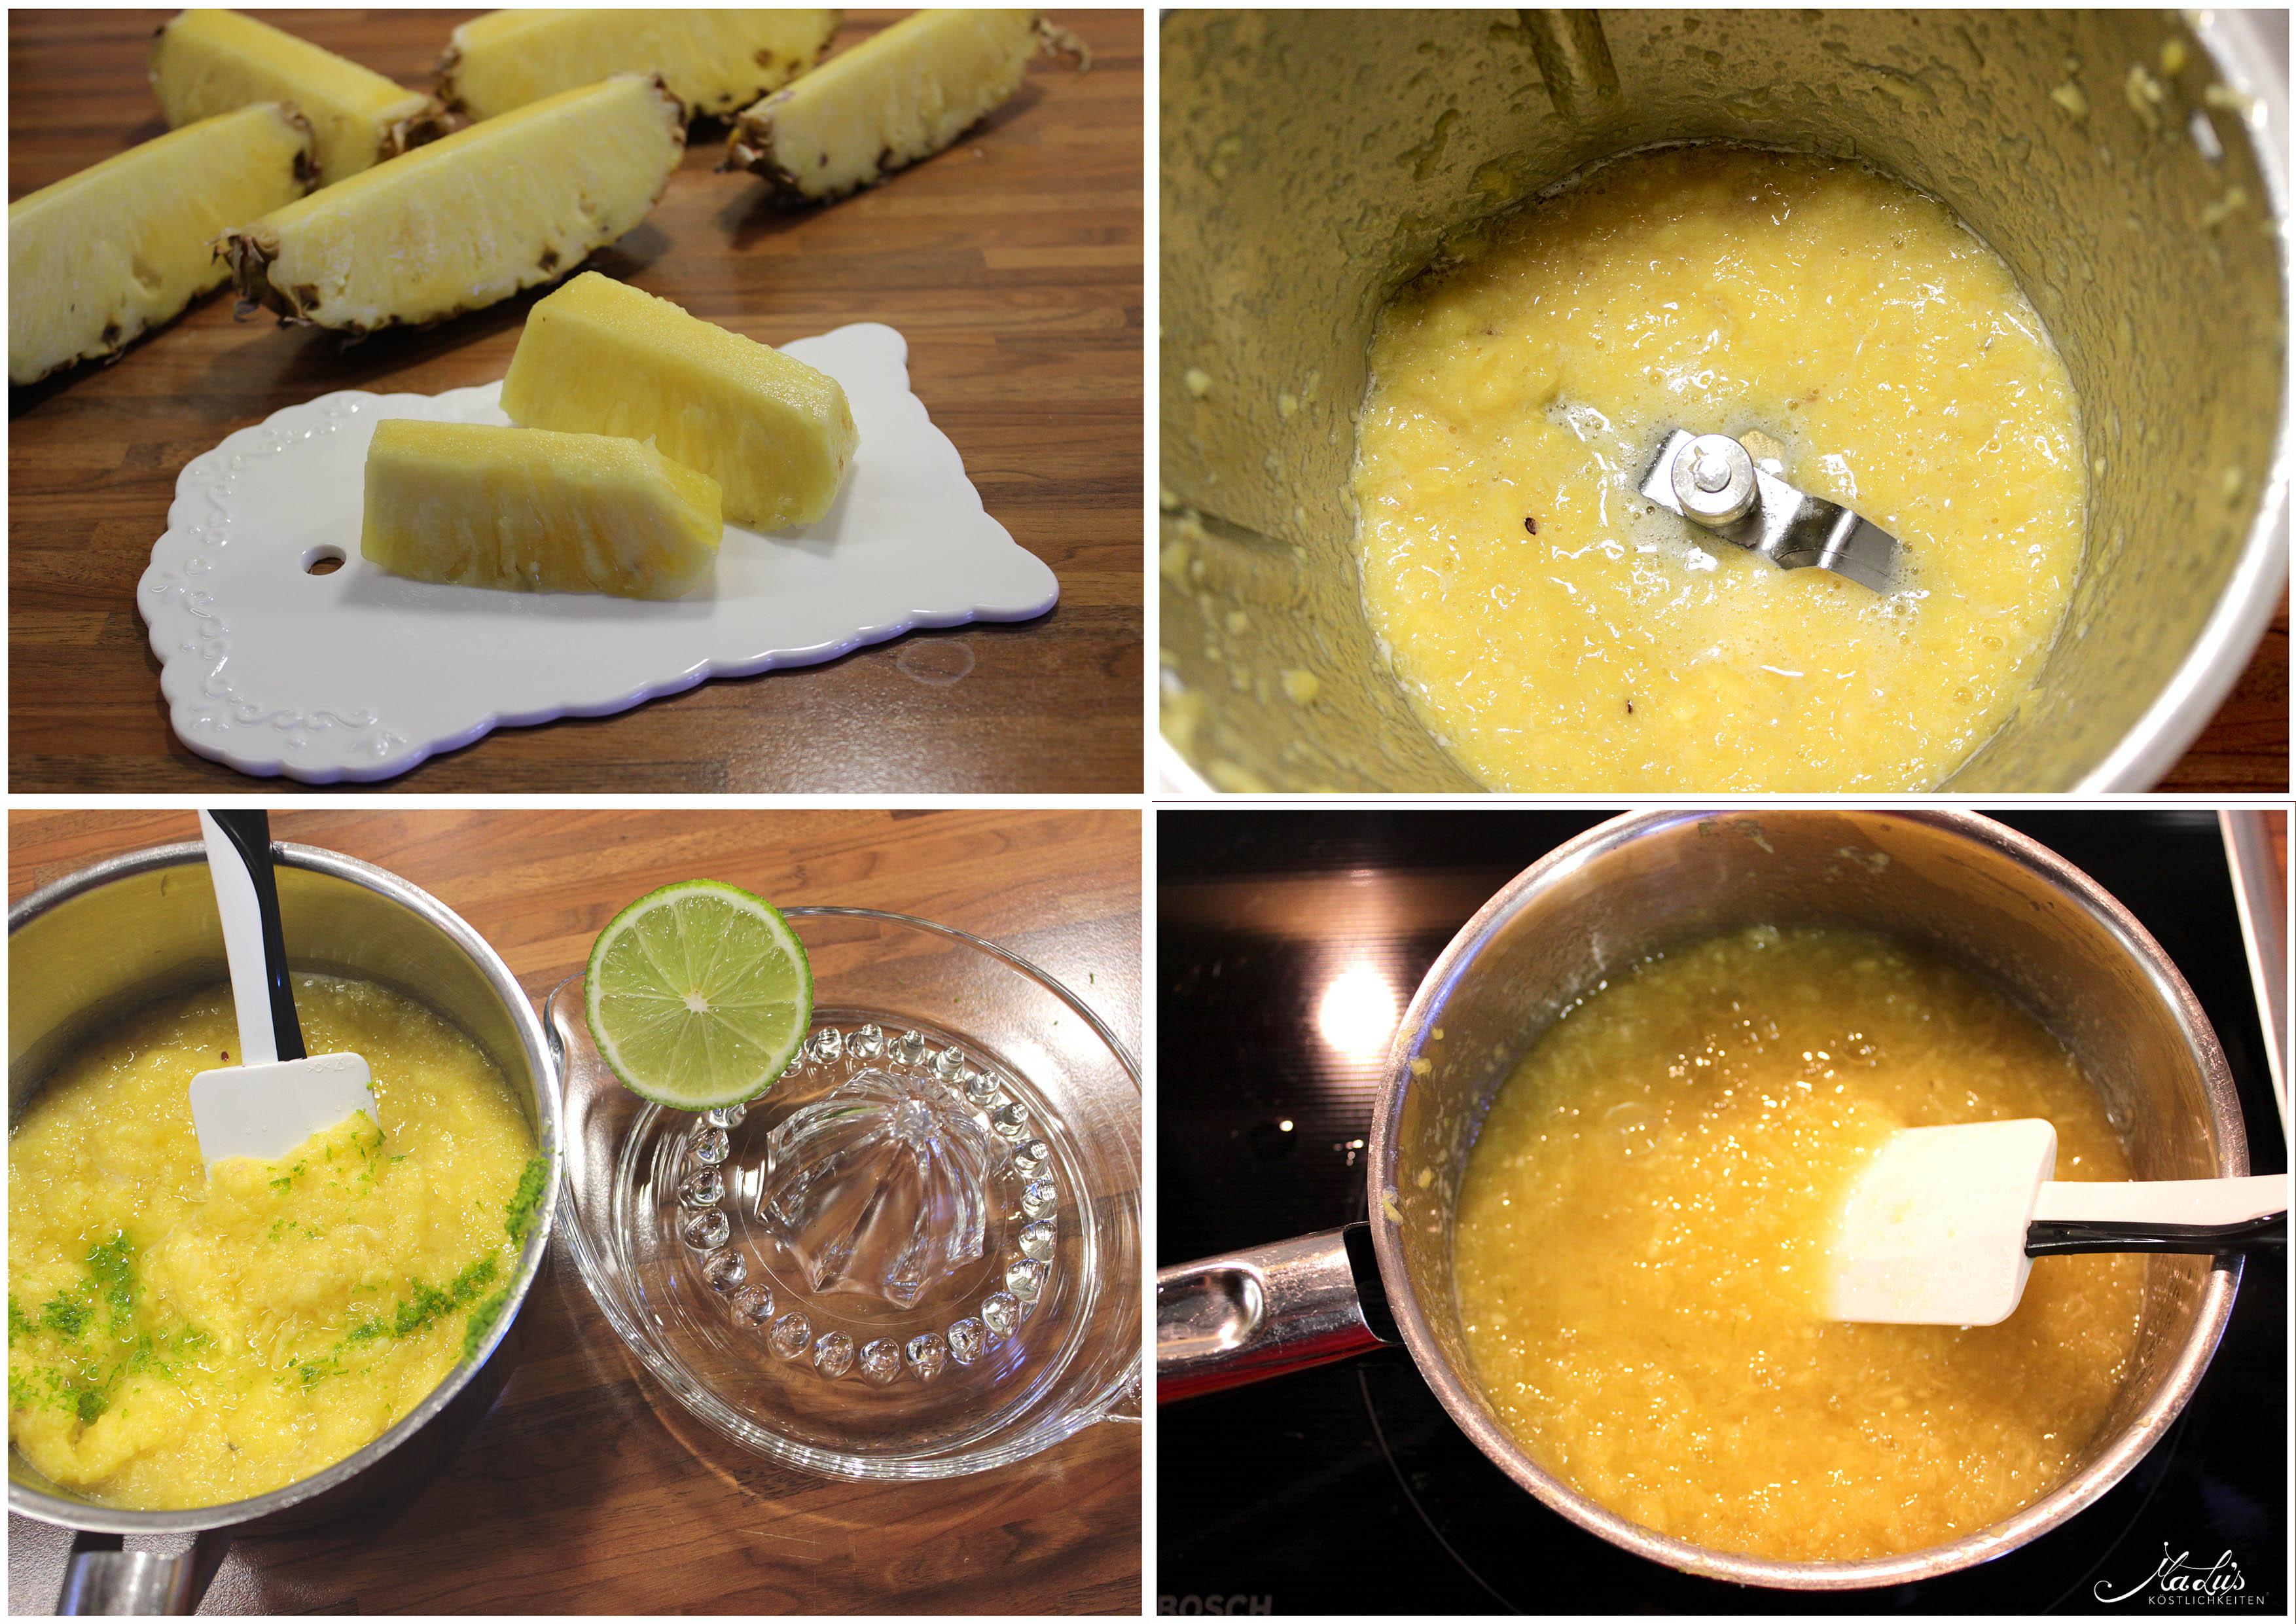 ananaskompott